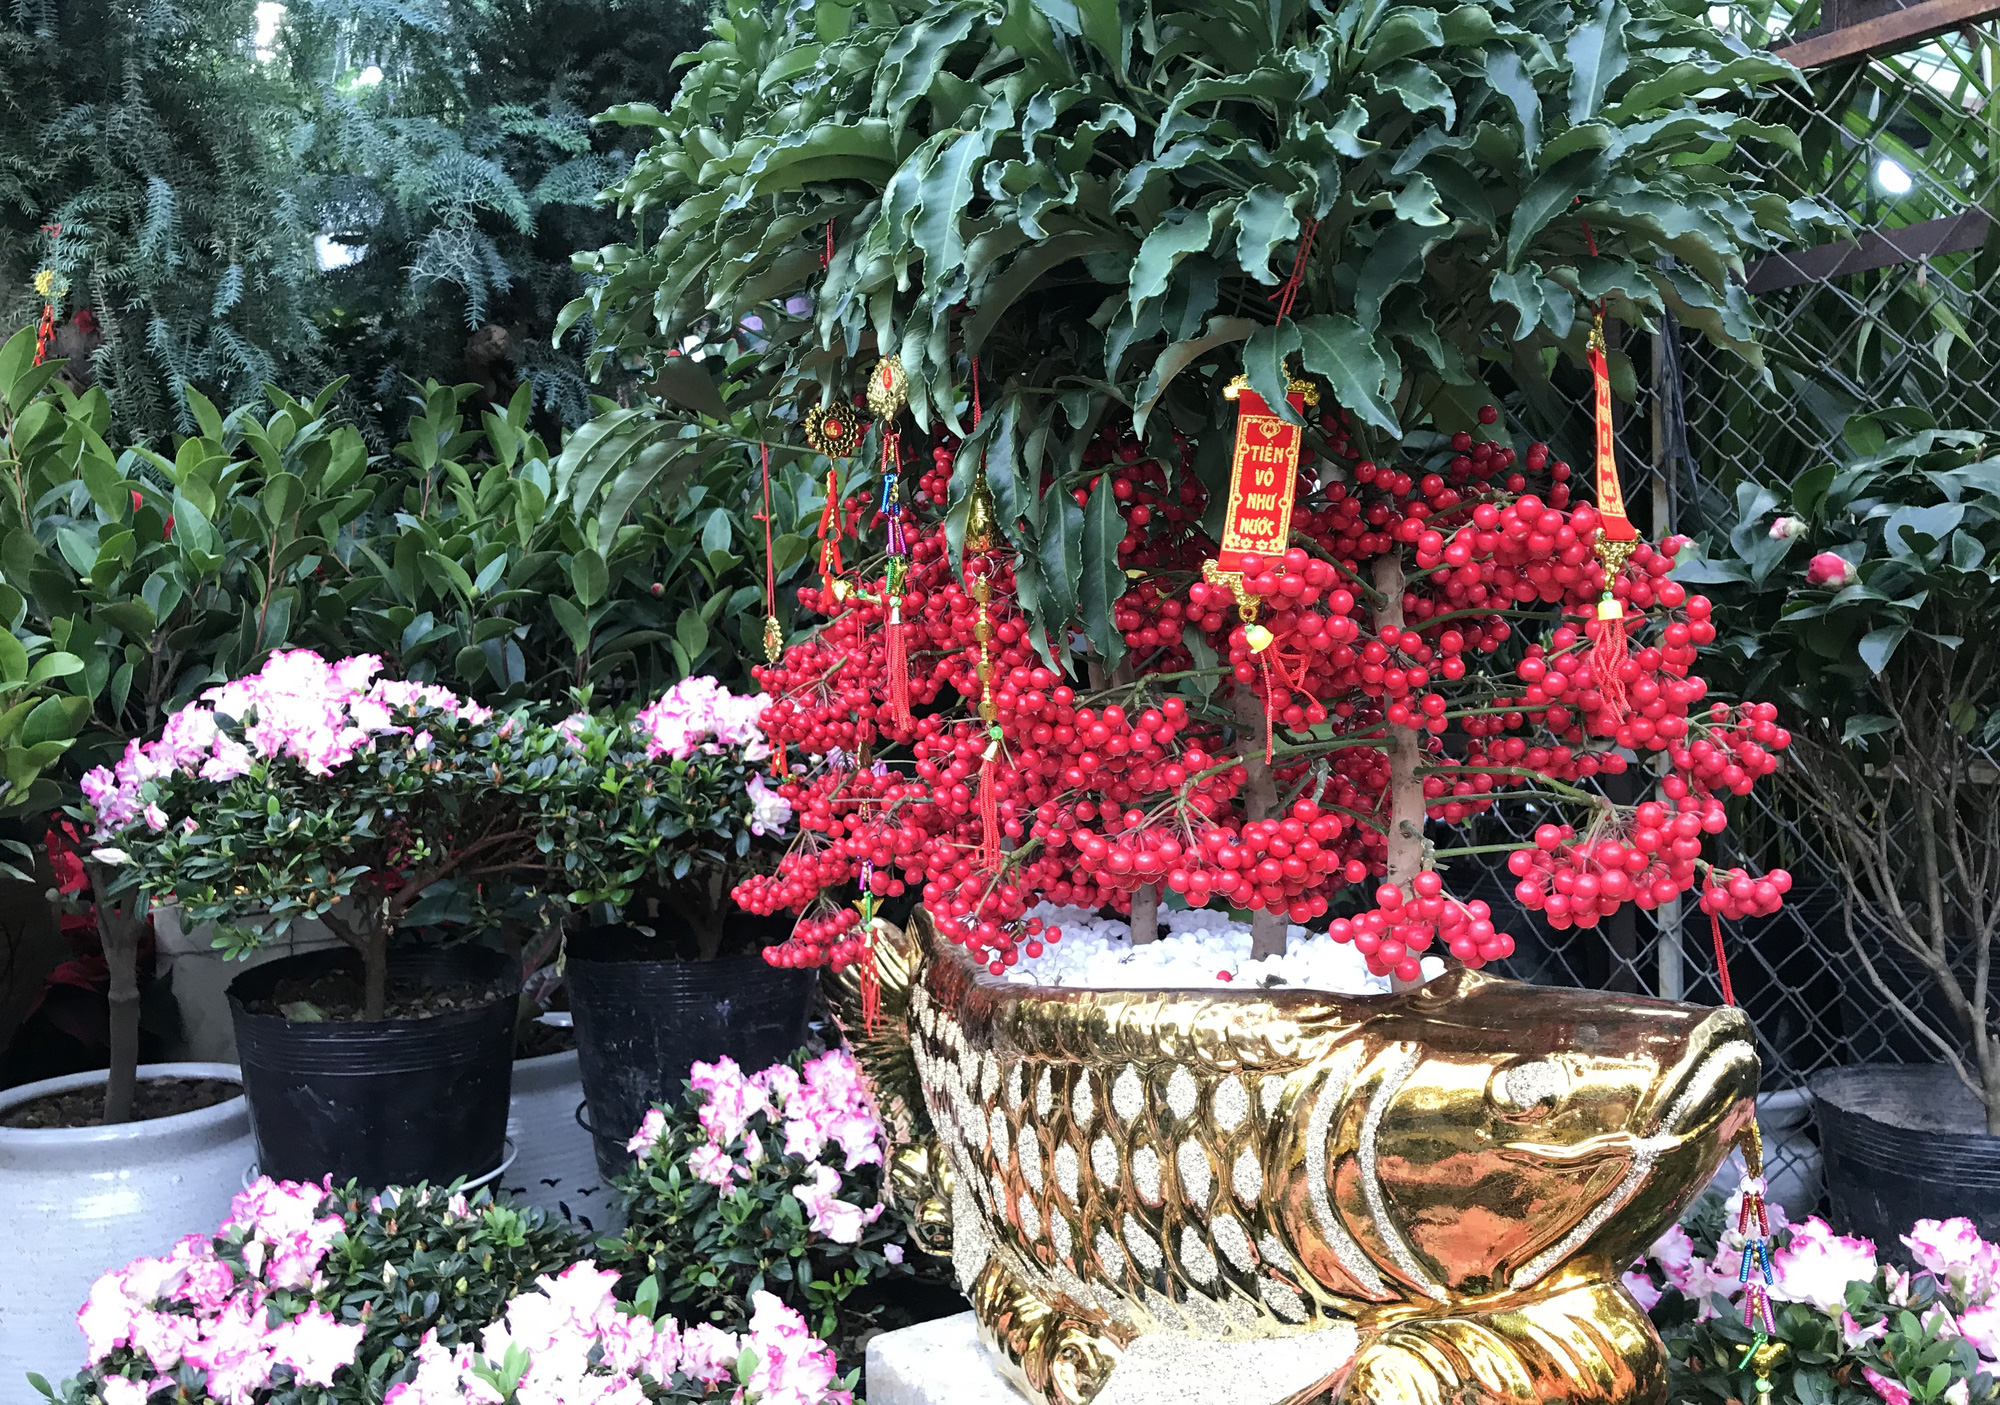 Hoa kiểng Tết đã bán tại Sài Gòn, tranh thủ giá rẻ, nhiều người đi mua sớm - Ảnh 7.